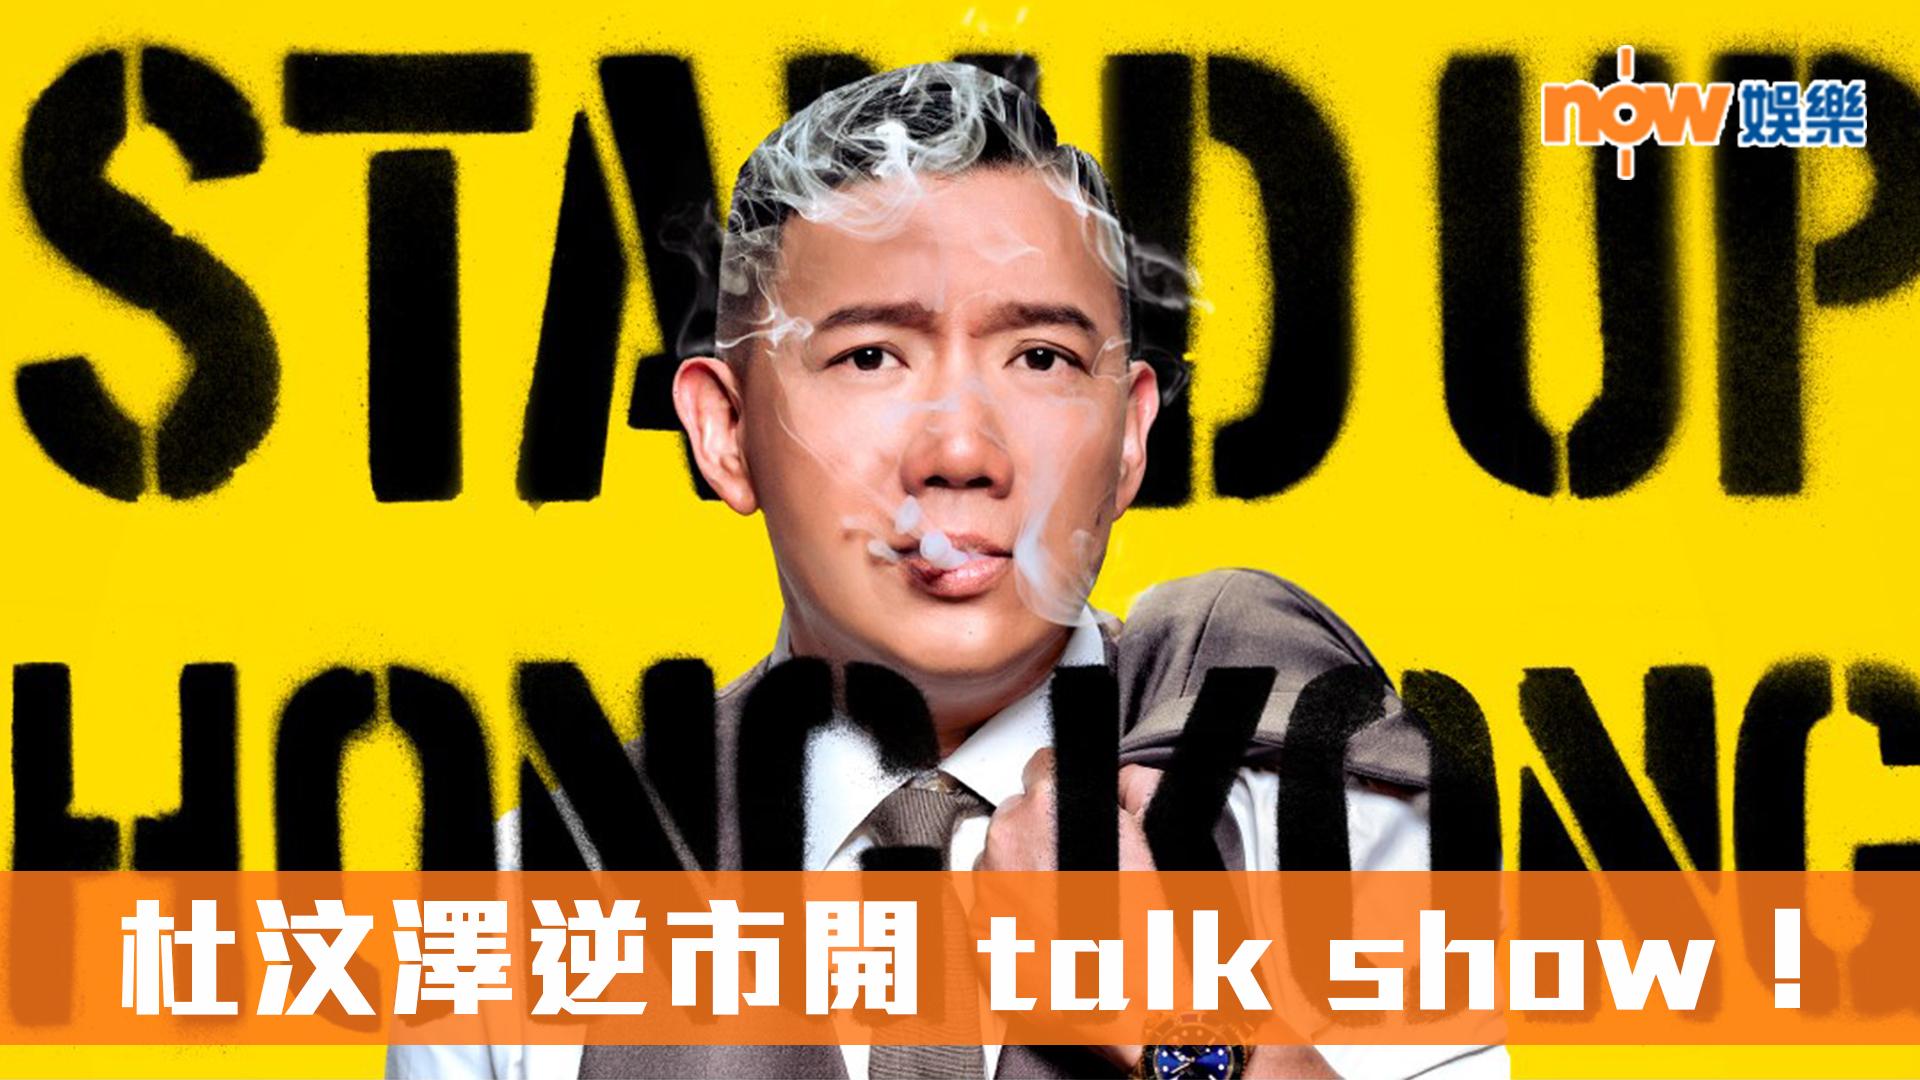 【逆市開騷】杜汶澤11月開兩場 talk show 門票5月14起發售